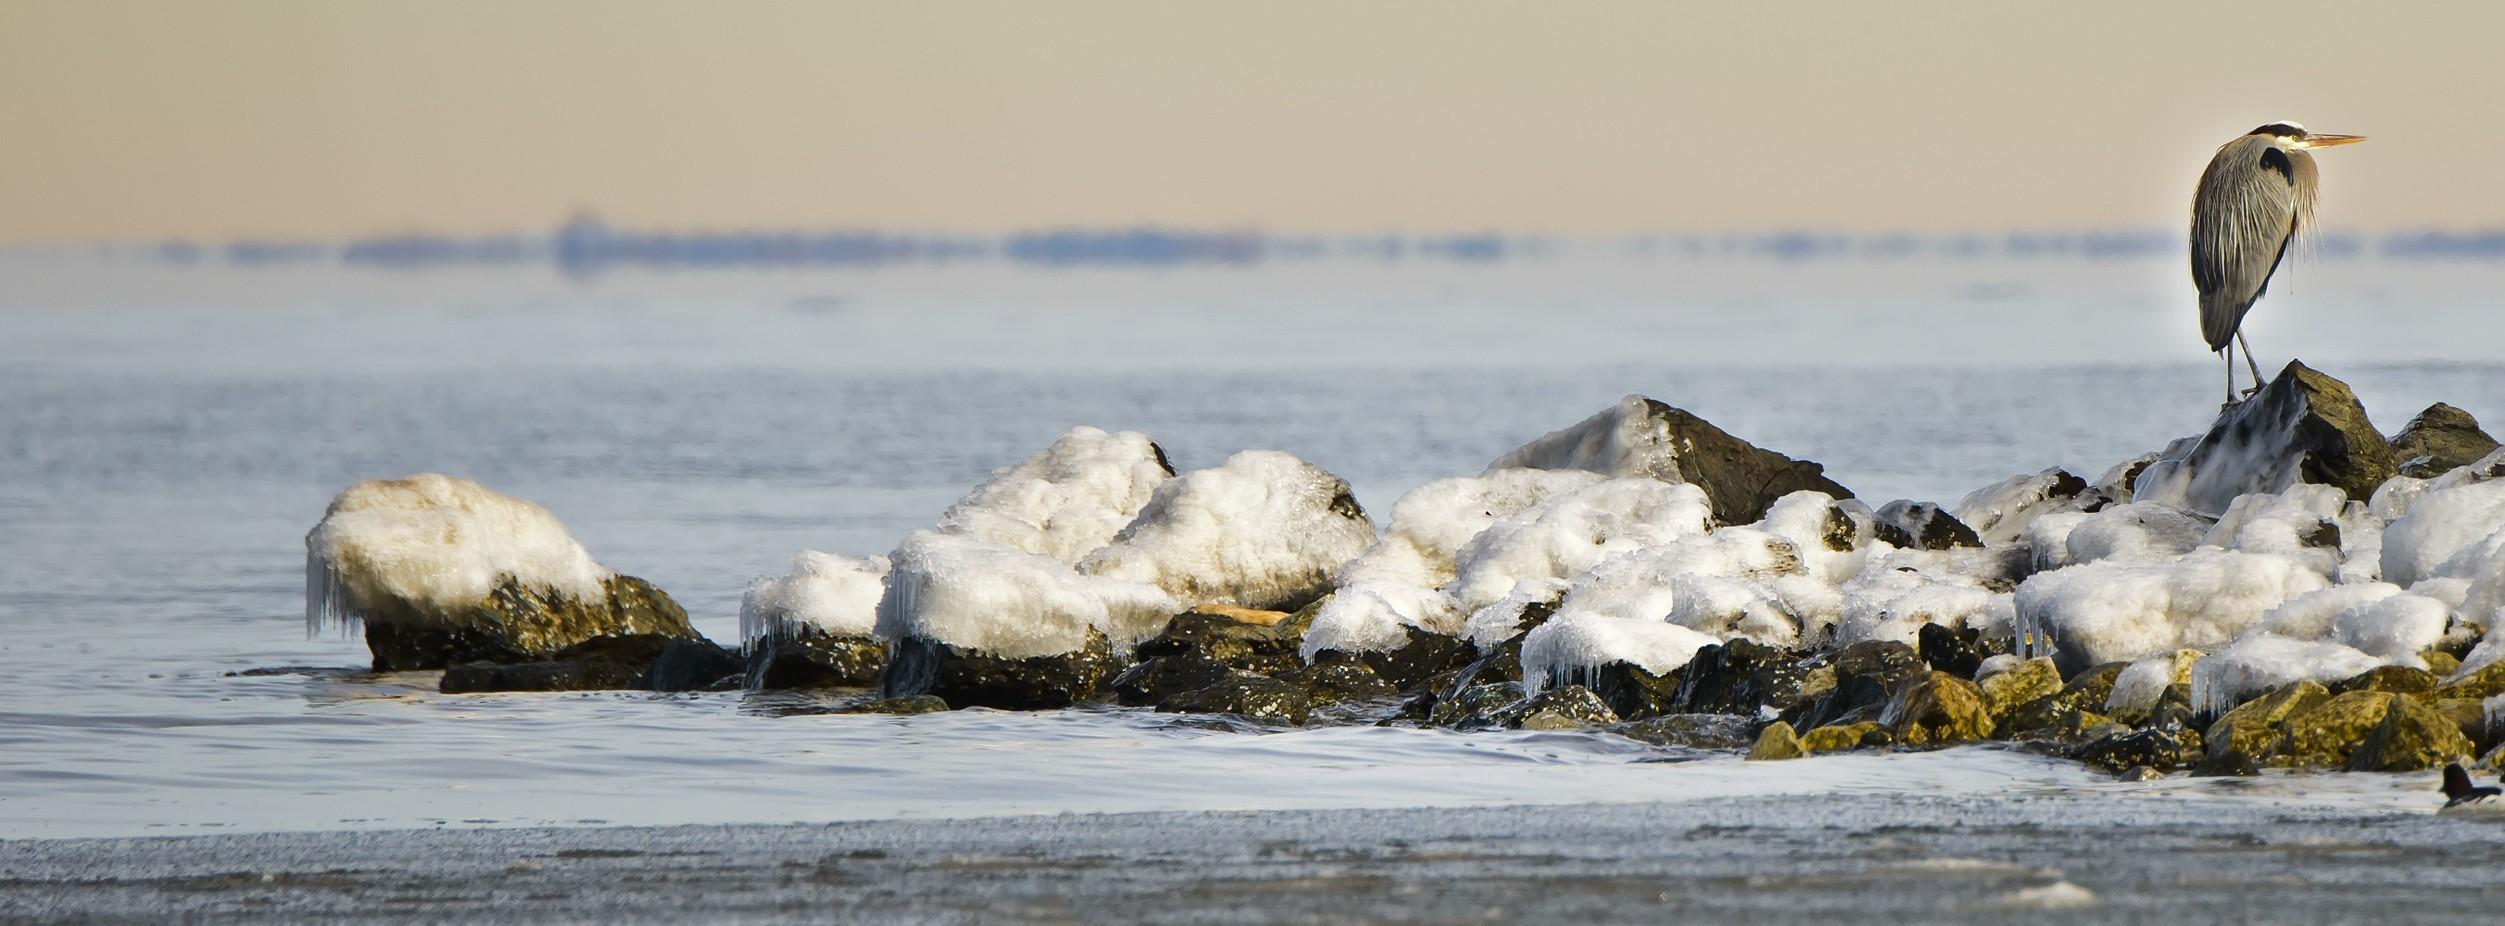 Great Blue Heron on a frozen Chesapeake Bay in winter